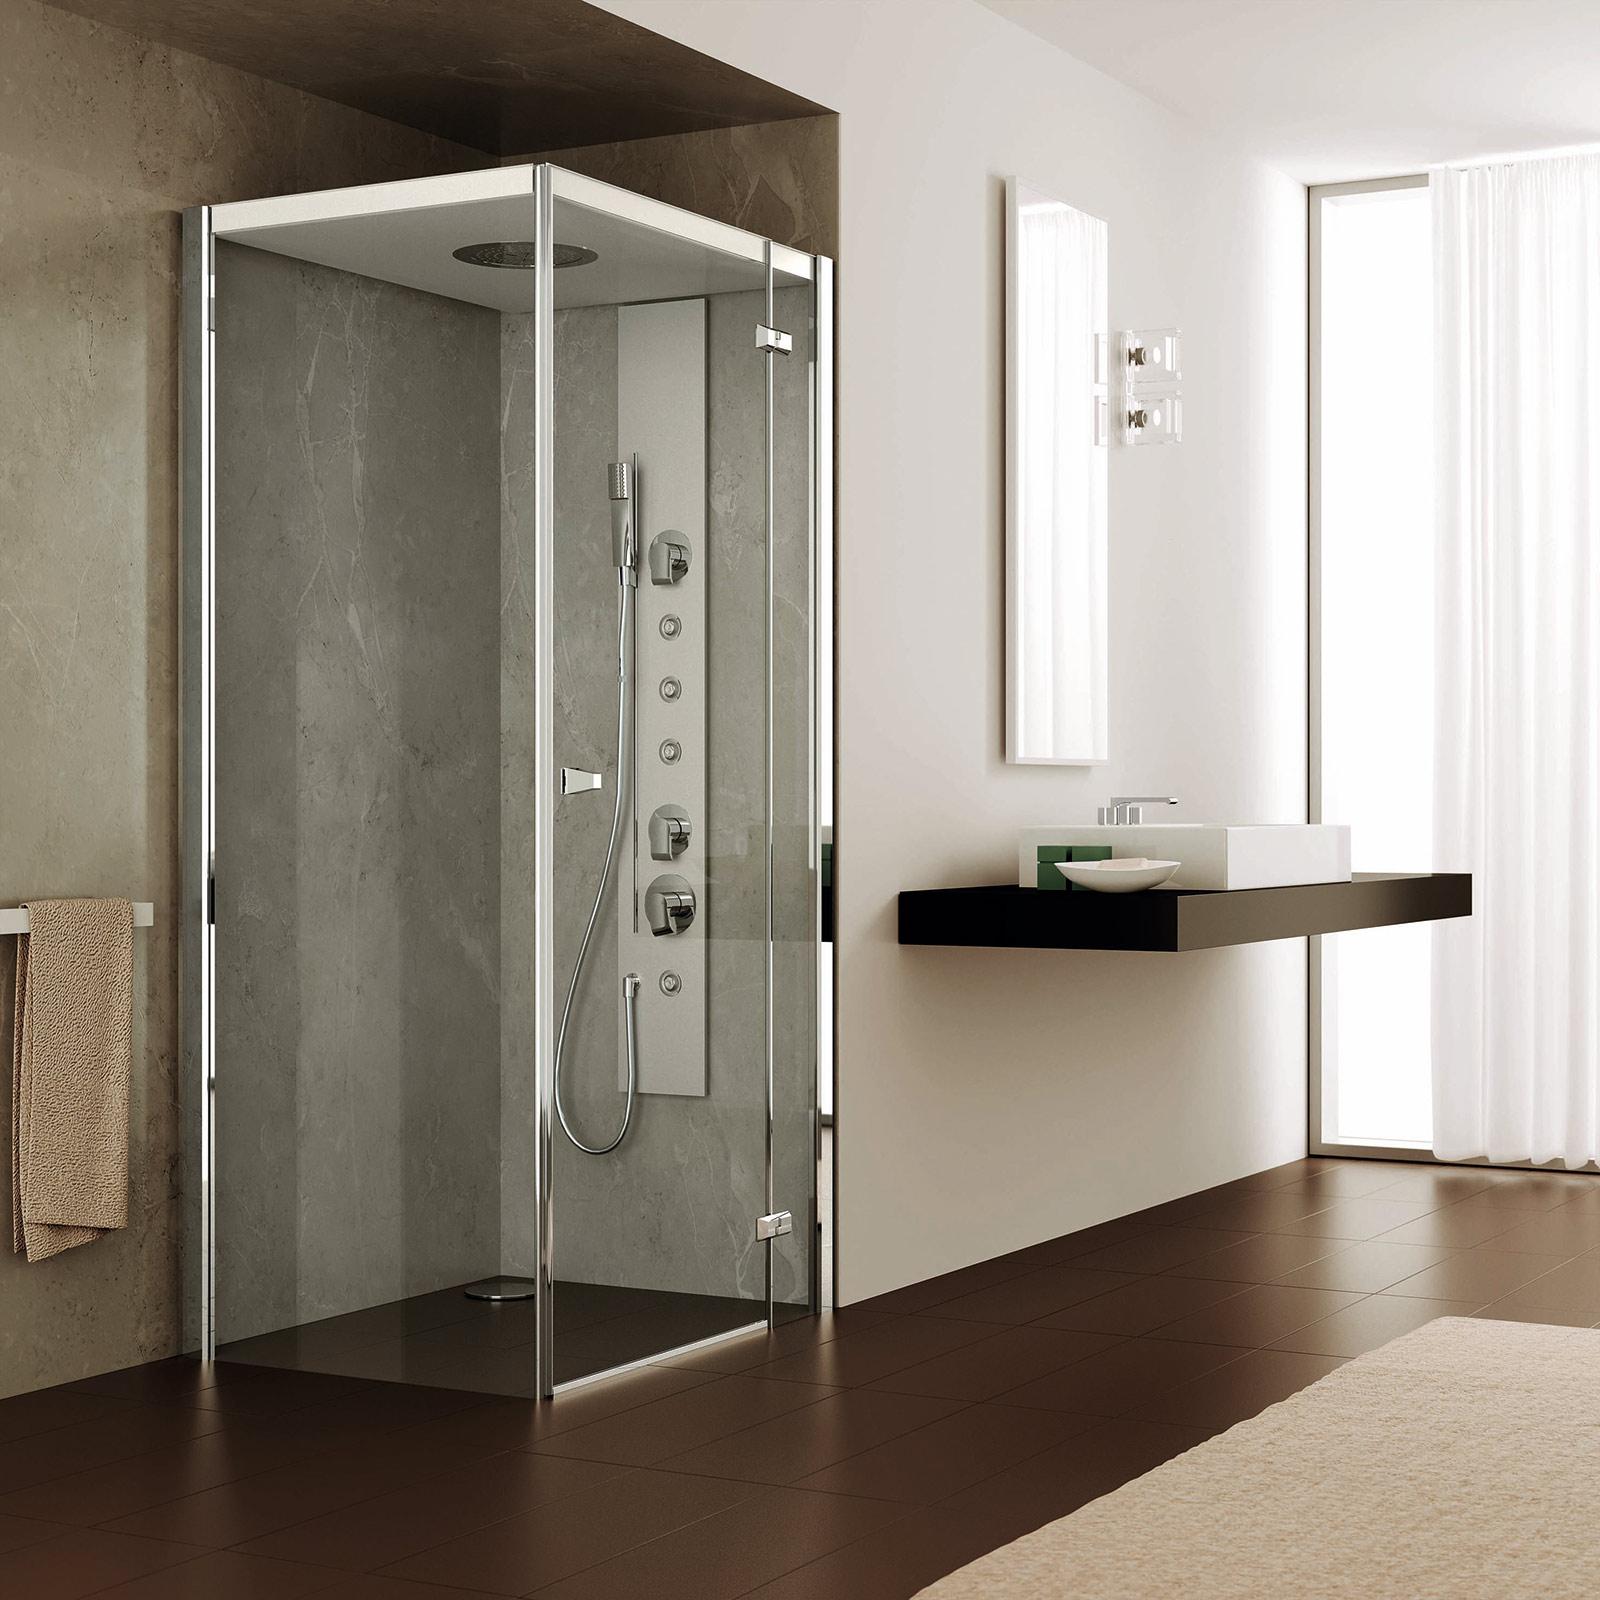 Come costruire un bagno turco nella doccia internet italiano - Idee doccia bagno ...